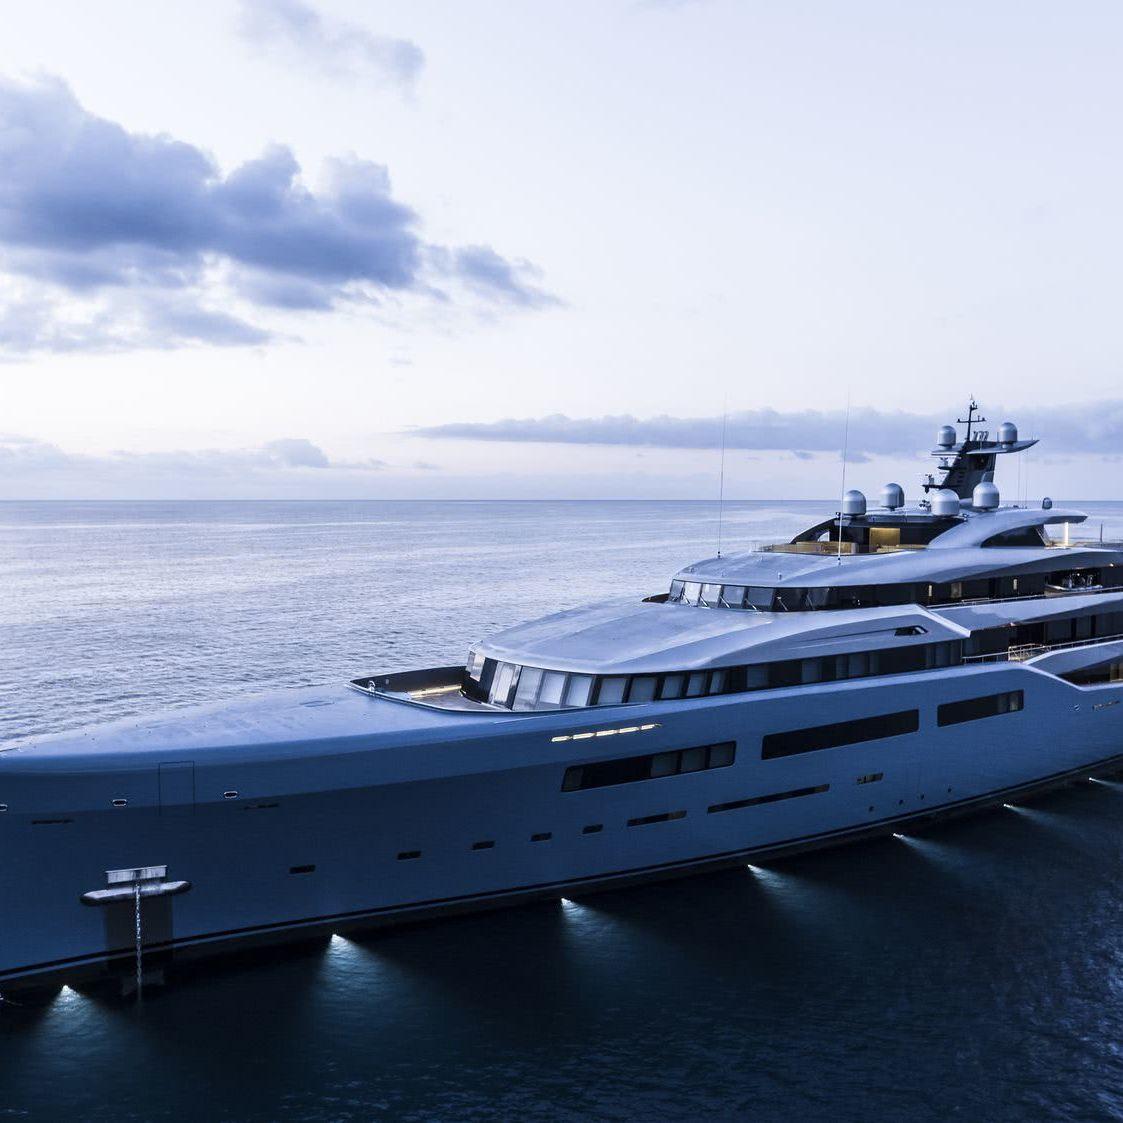 Motor Yacht Aviva Abeking & Rasmussen